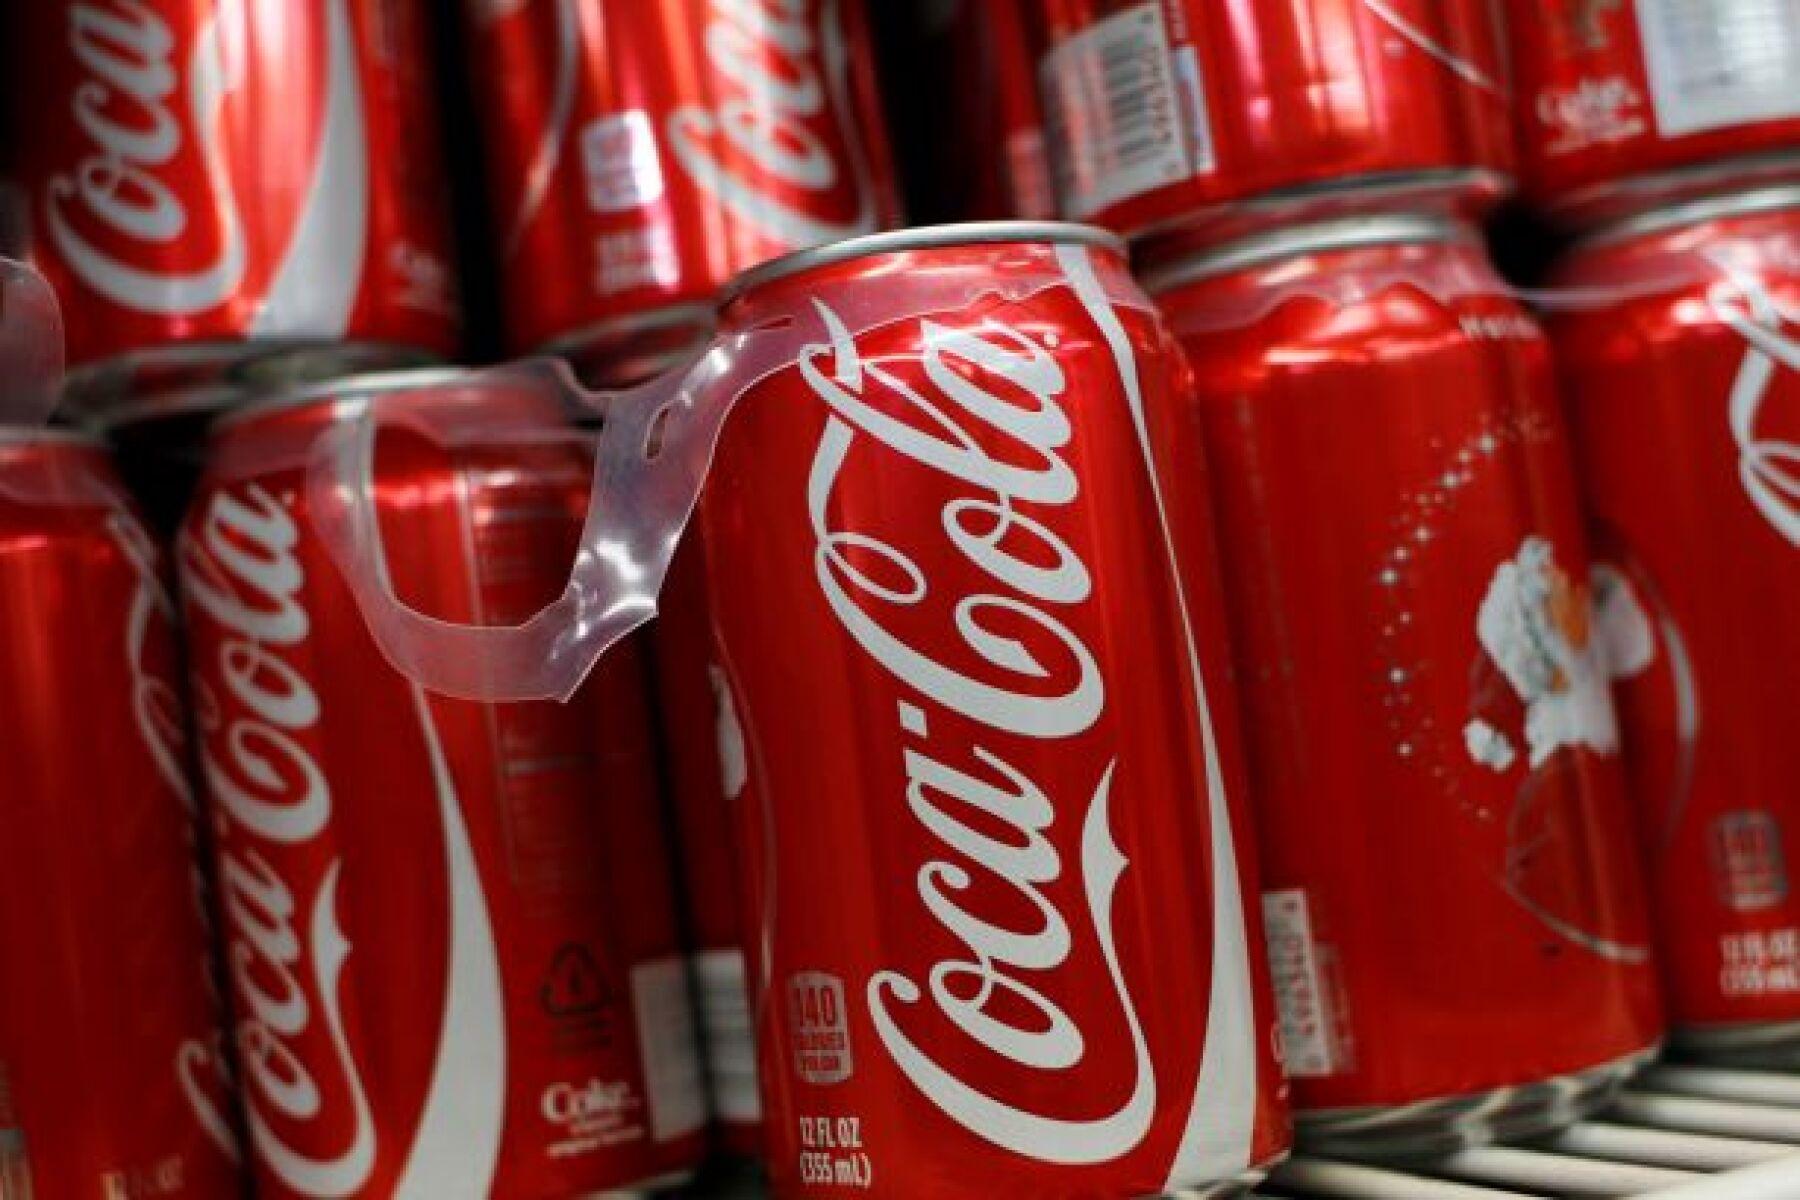 Este Anuncio De Coca Cola Fue El Más Visto Por Los Mexicanos El Mes Pasado